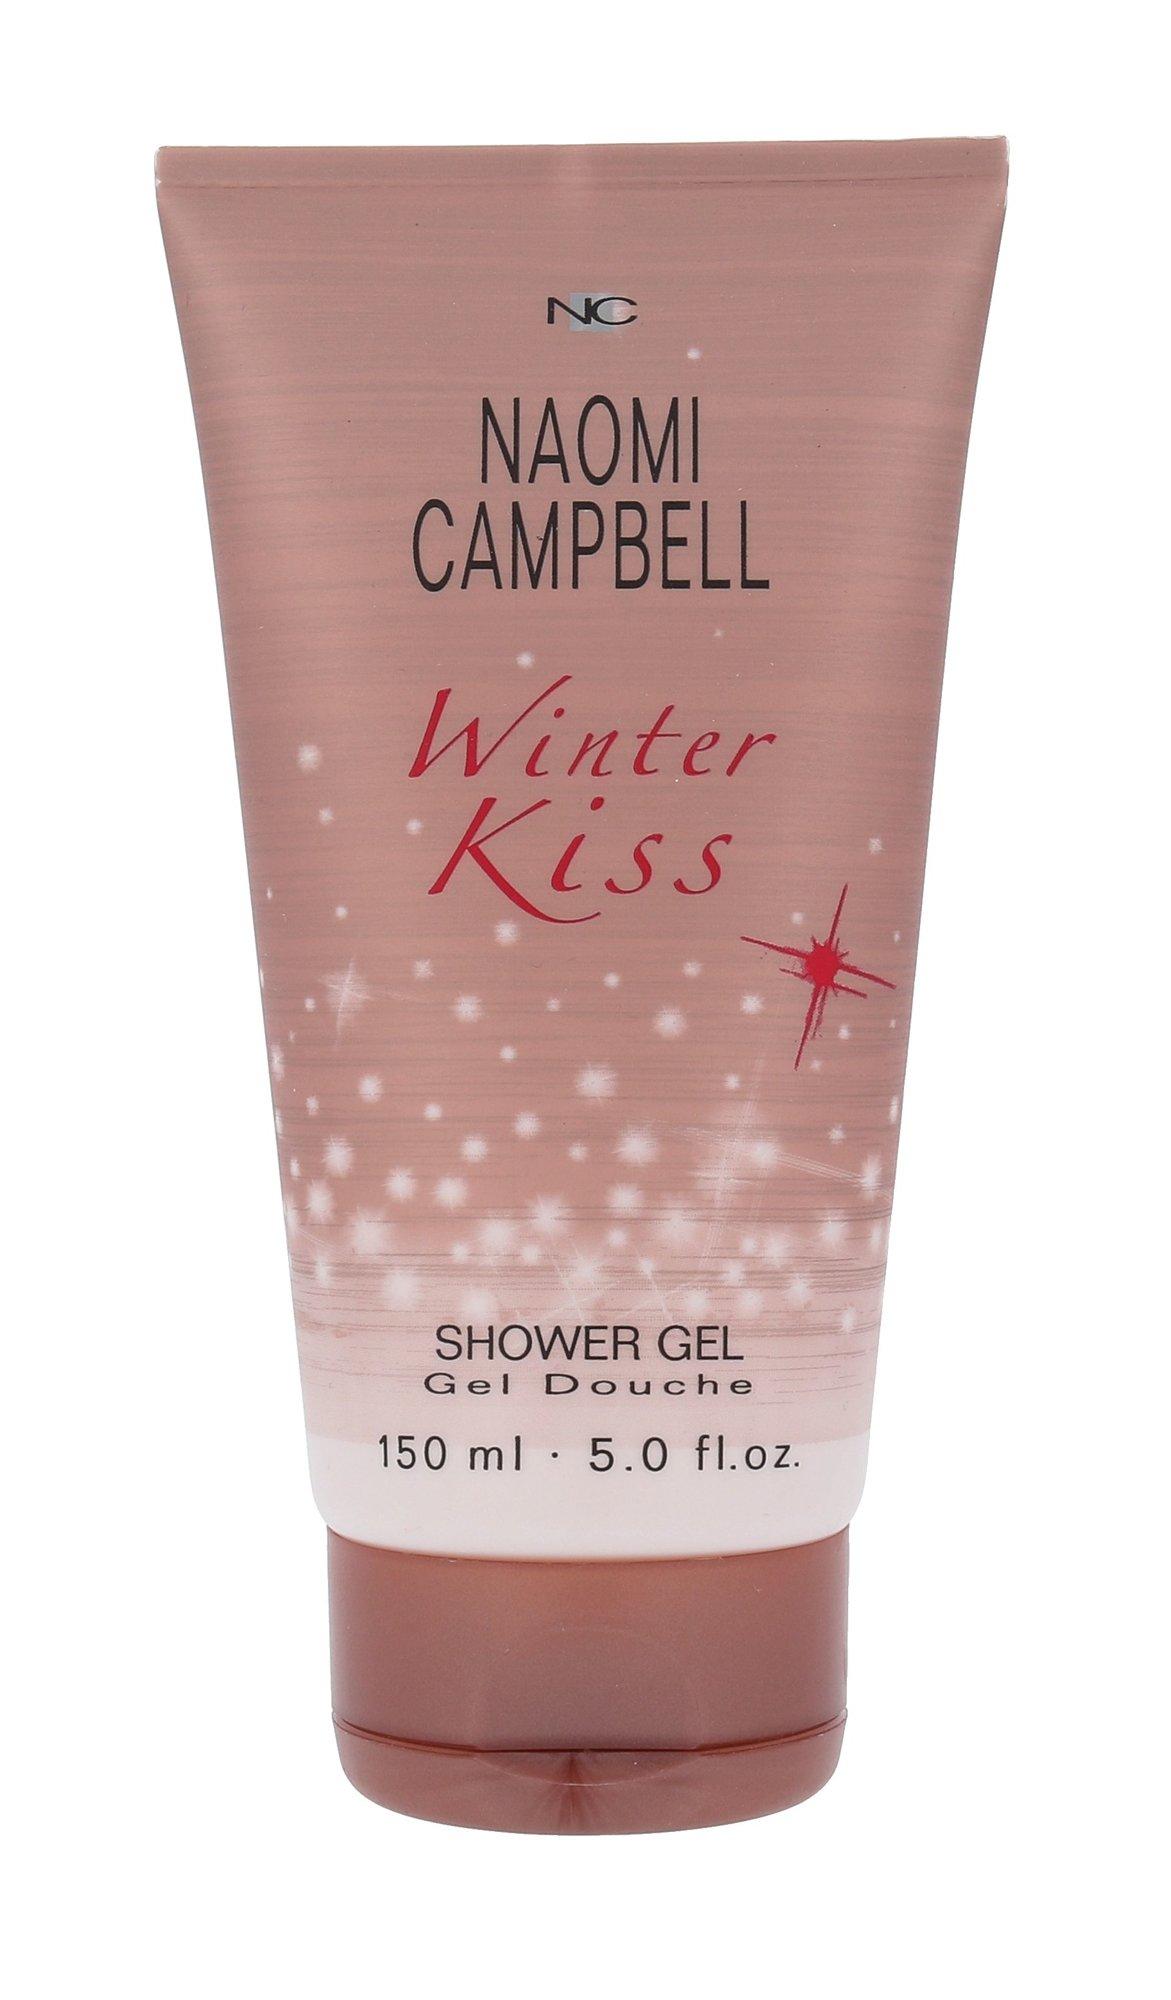 Naomi Campbell Winter Kiss Shower gel 150ml